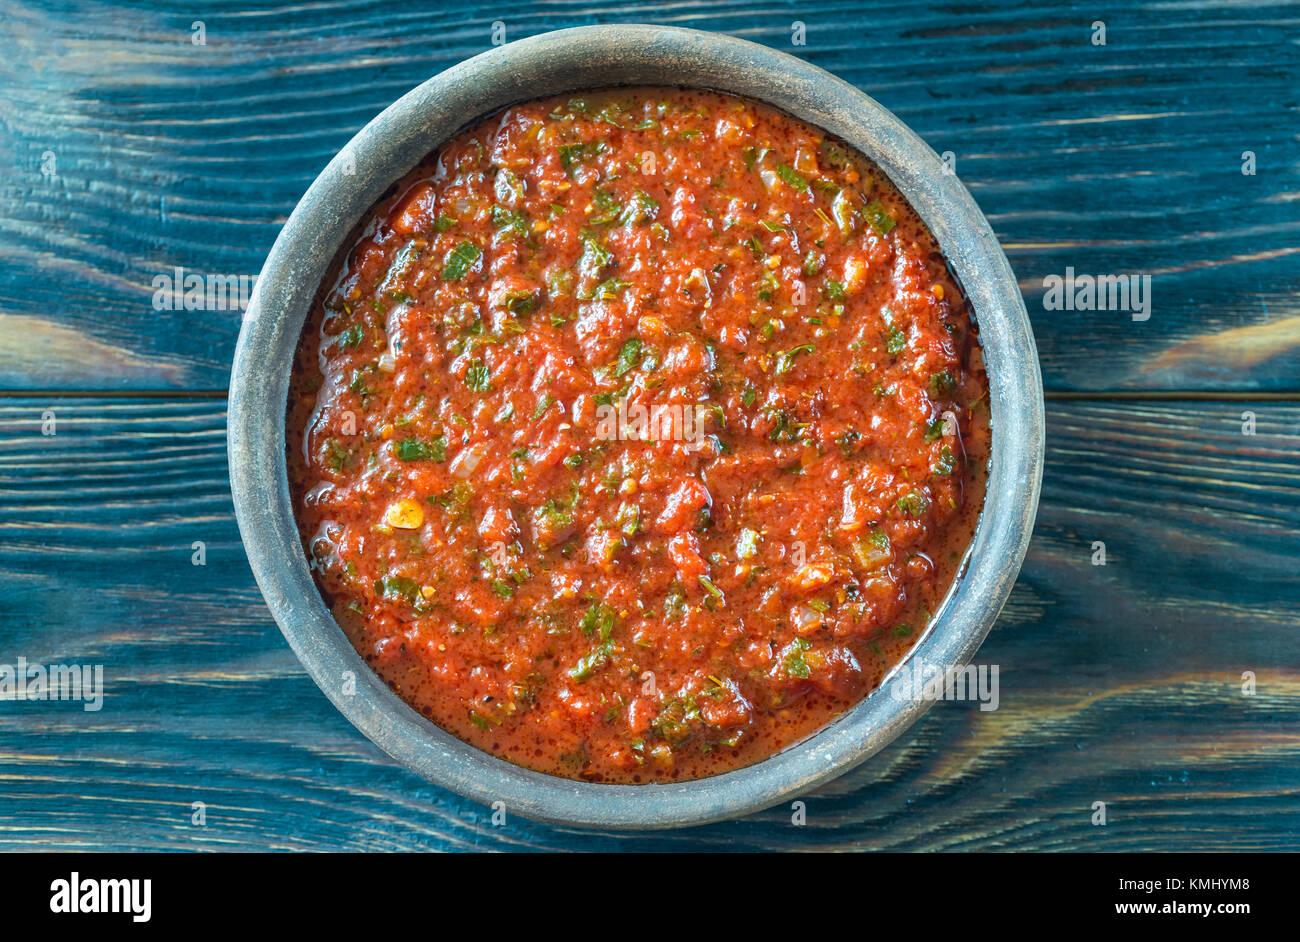 Bowl of Marinara- Italian tomato sauce Stock Photo